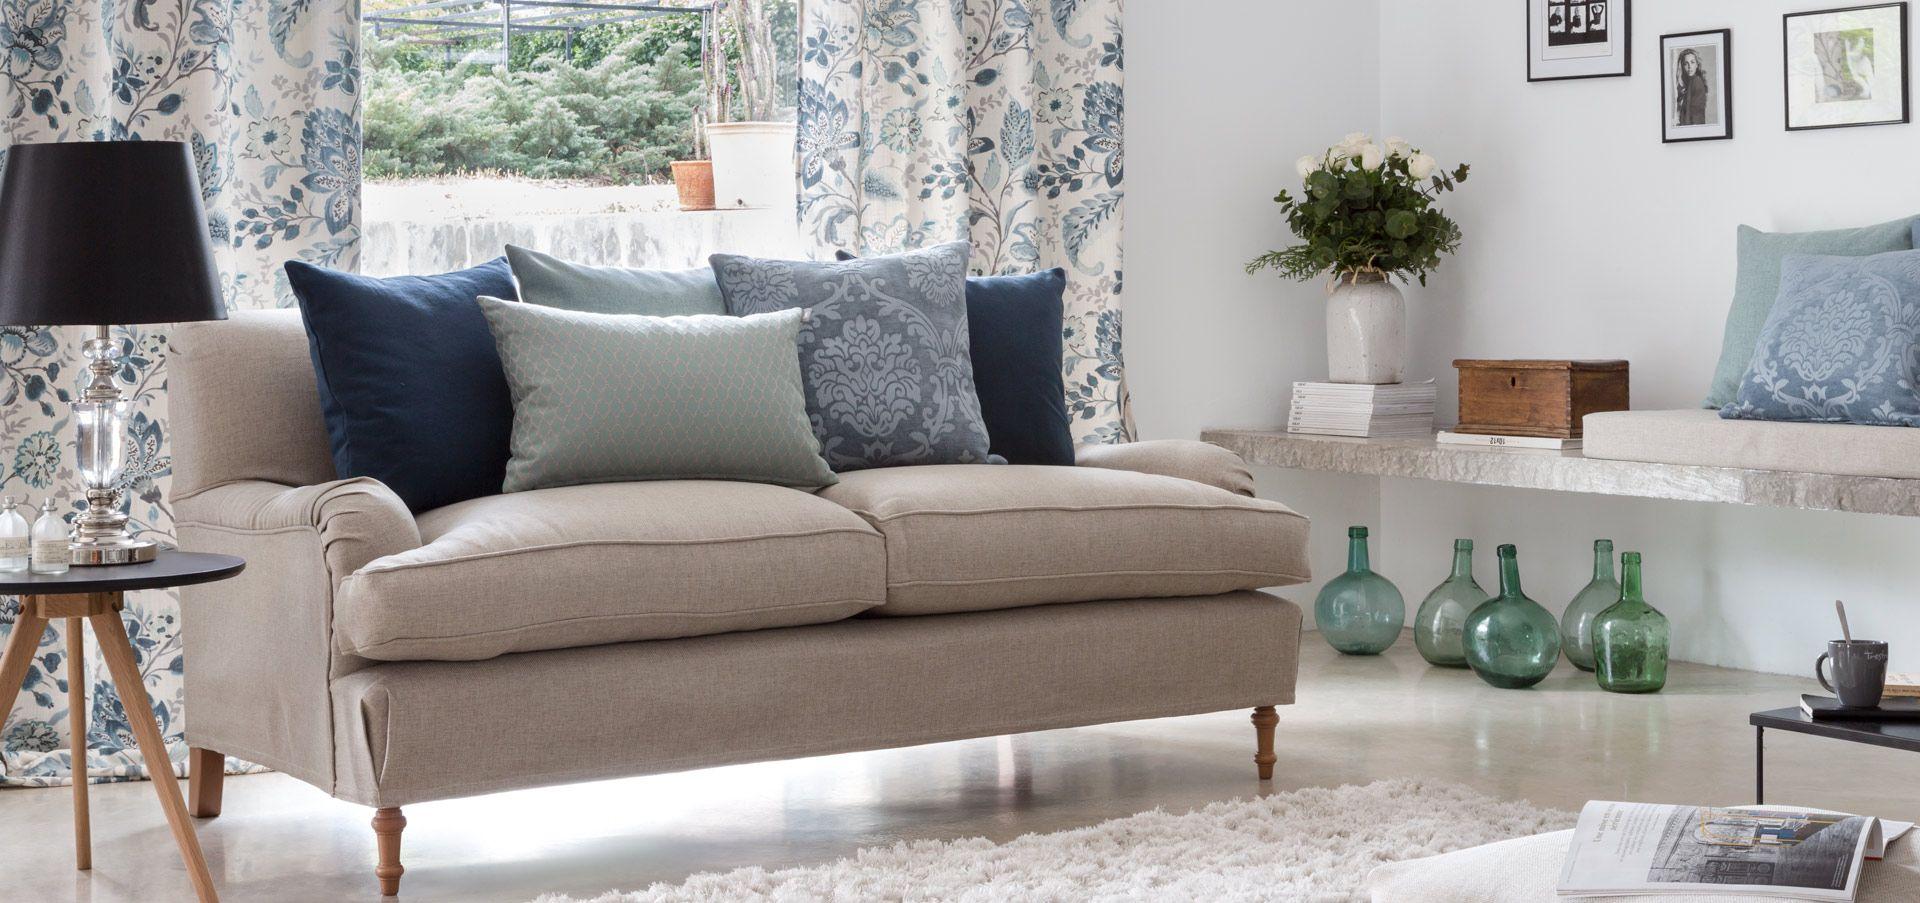 Ka international furniture pinterest cortinas - Ka internacional ...